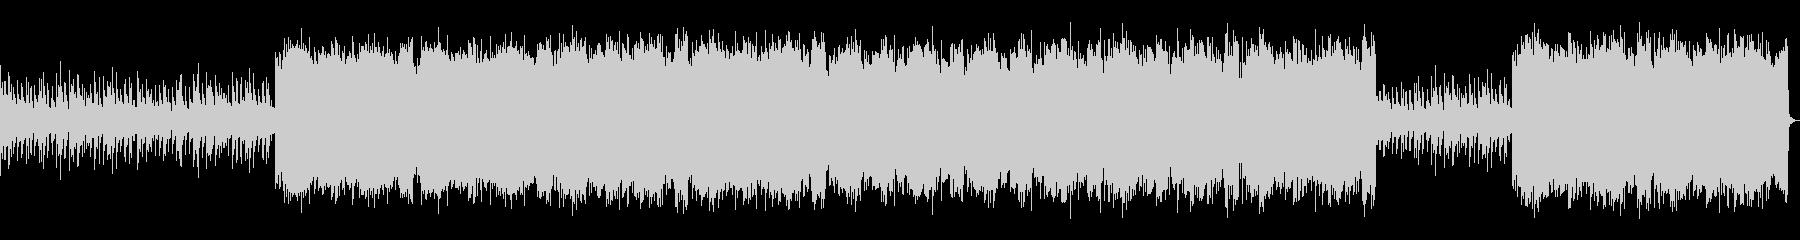 インダストリアルなロック_No652_1の未再生の波形